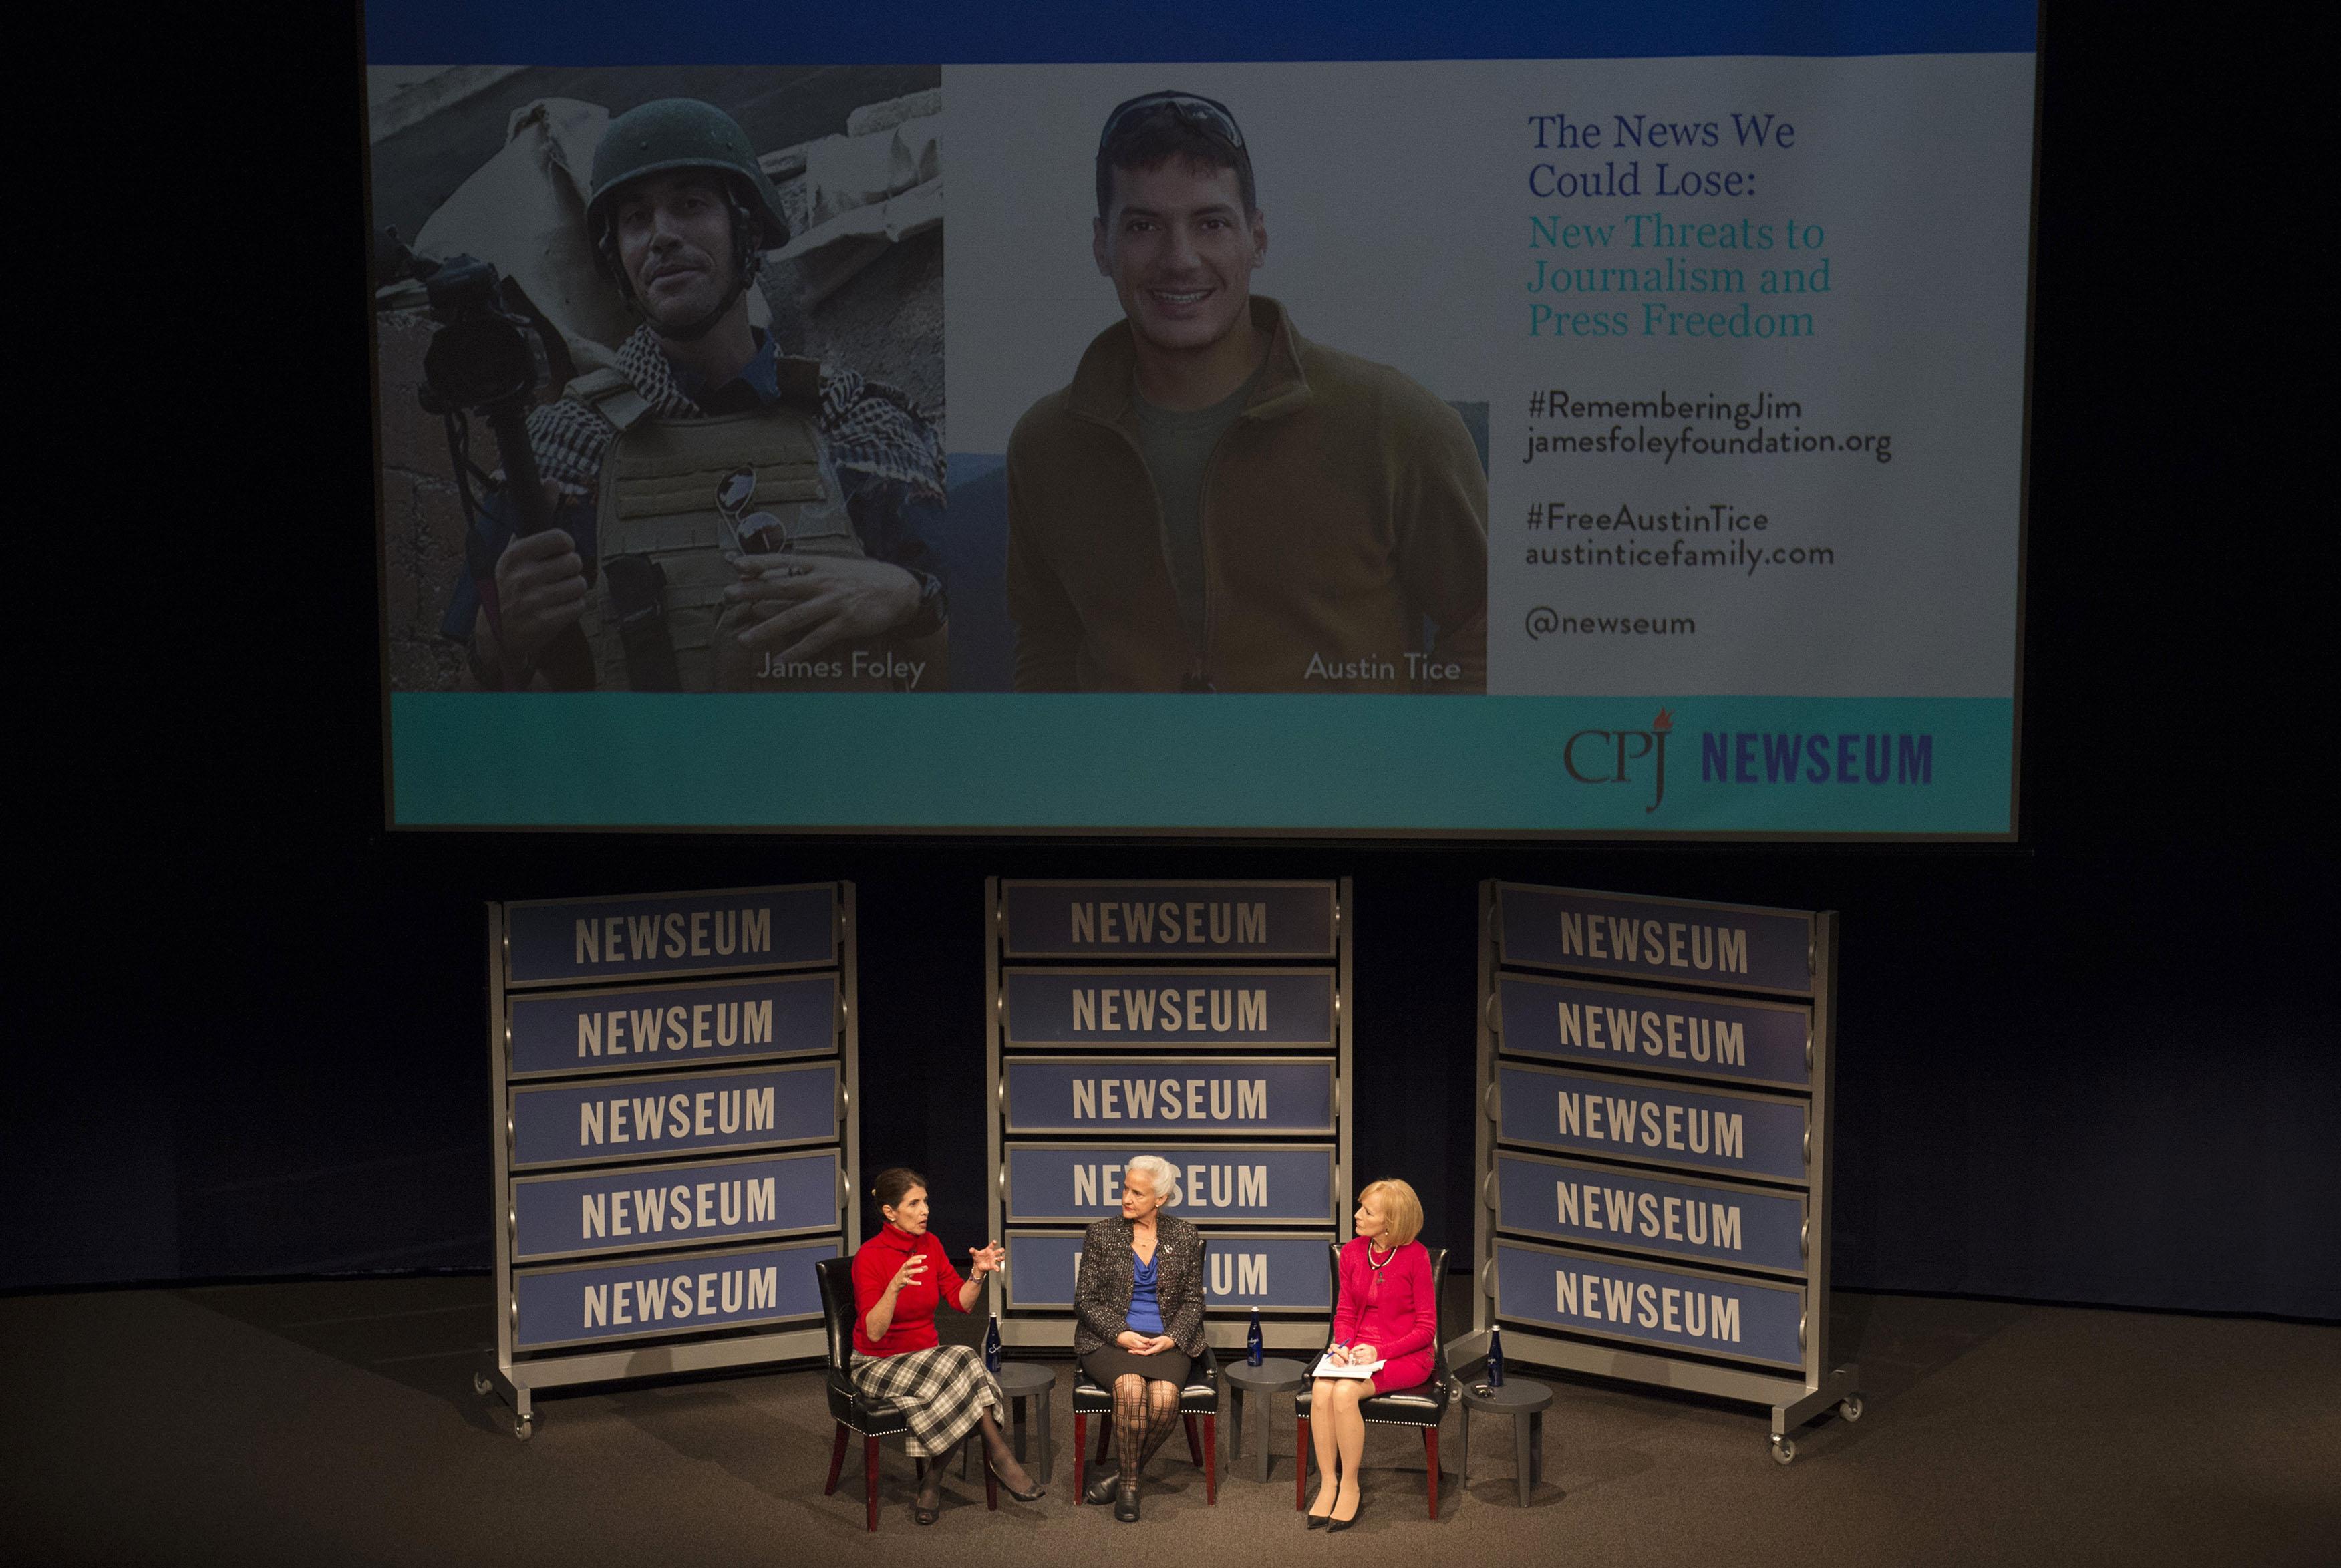 À esquerda, Diane Foley, mãe do fotojornalista James Foley, assassinado por militantes do Estado Islâmico em 2014, e Debra Tice, mãe do jornalista freelancer Austin Tice, desaparecido desde que foi capturado na Síria em 2012, participam de um fórum no Newseum, realizado no dia 4 de fevereiro de 2015 em Washington. (AP/Molly Riley)